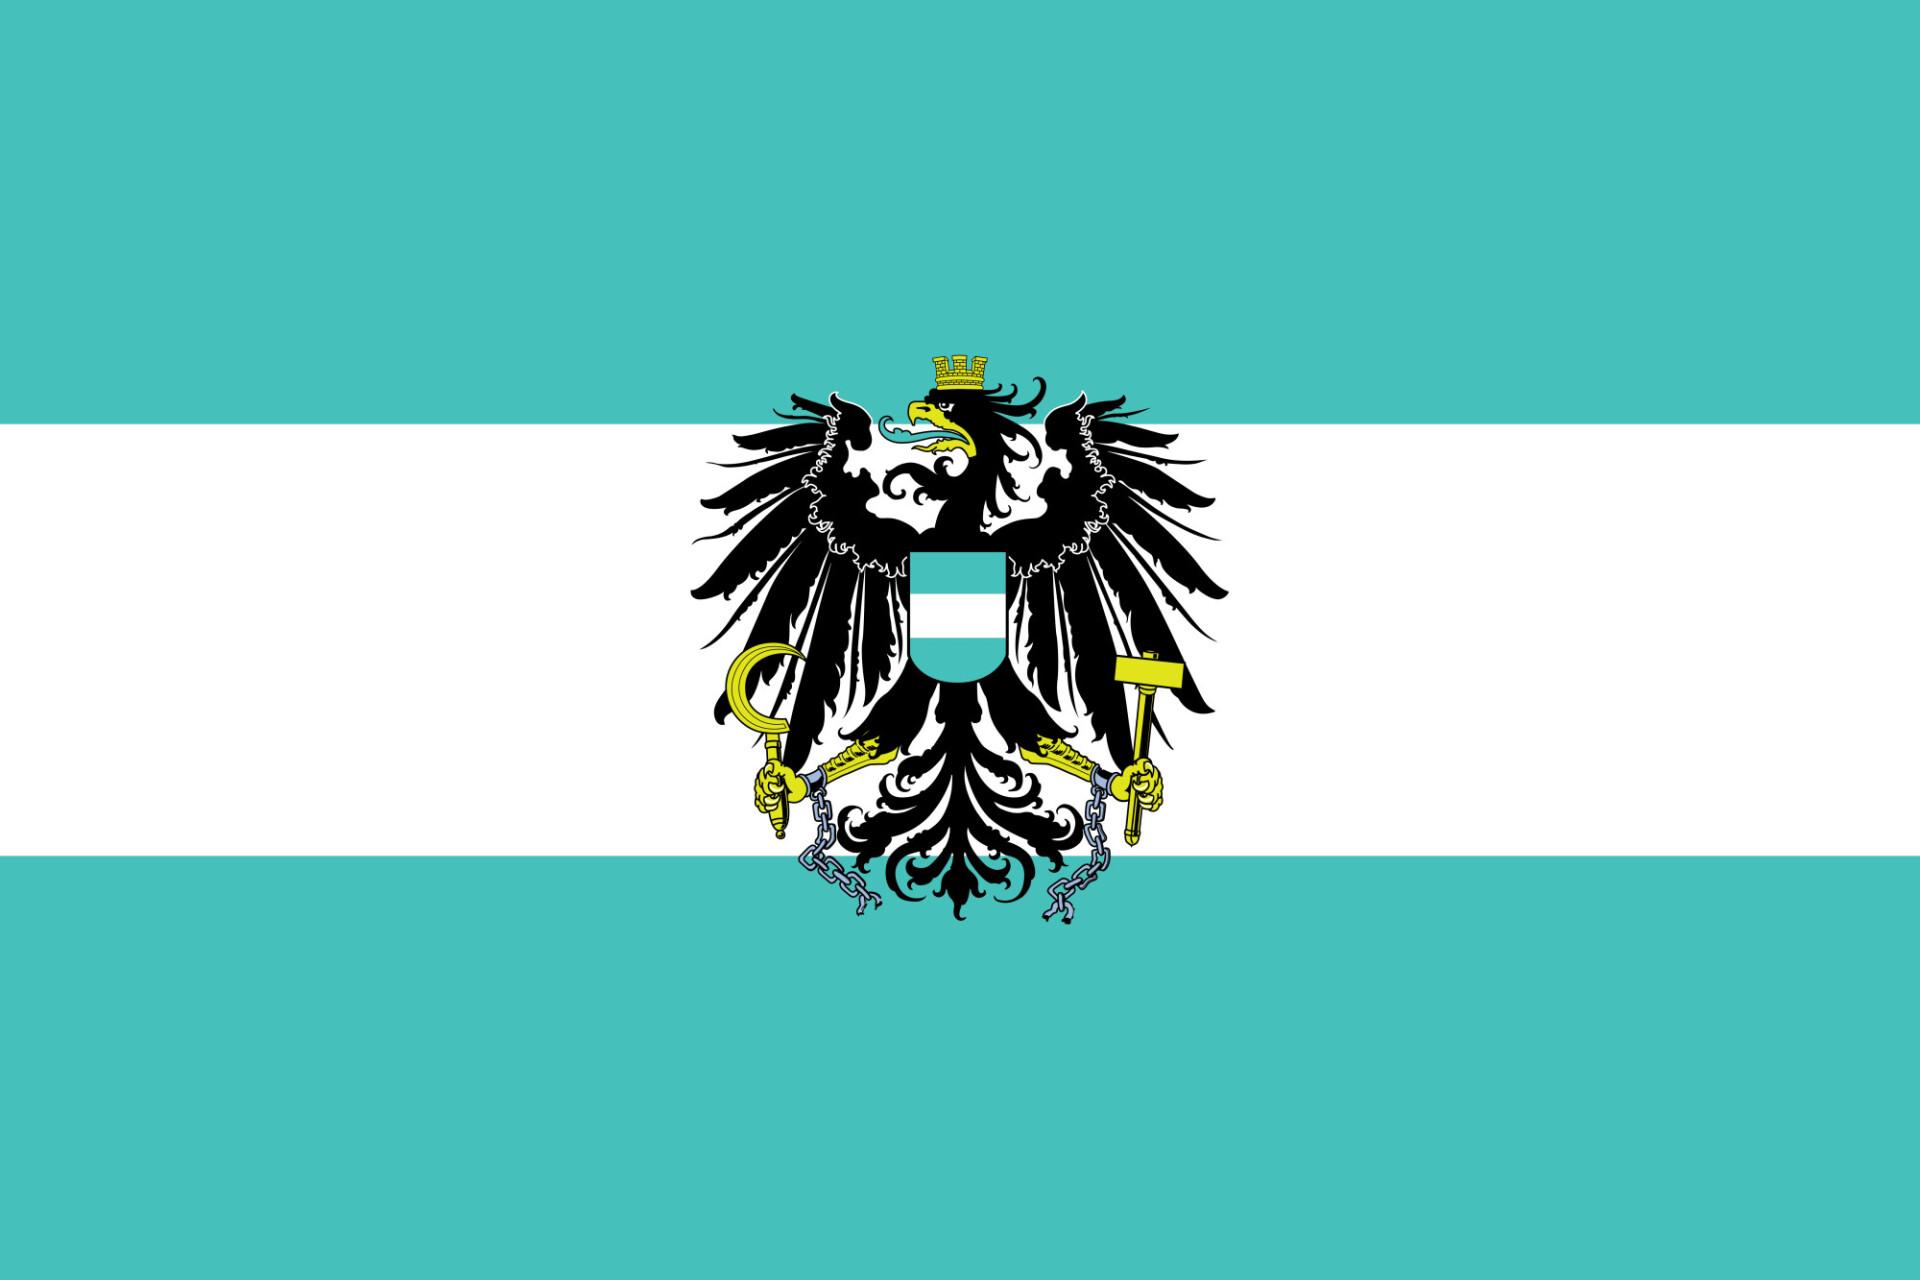 Turquoise Austria flag - ÖVP